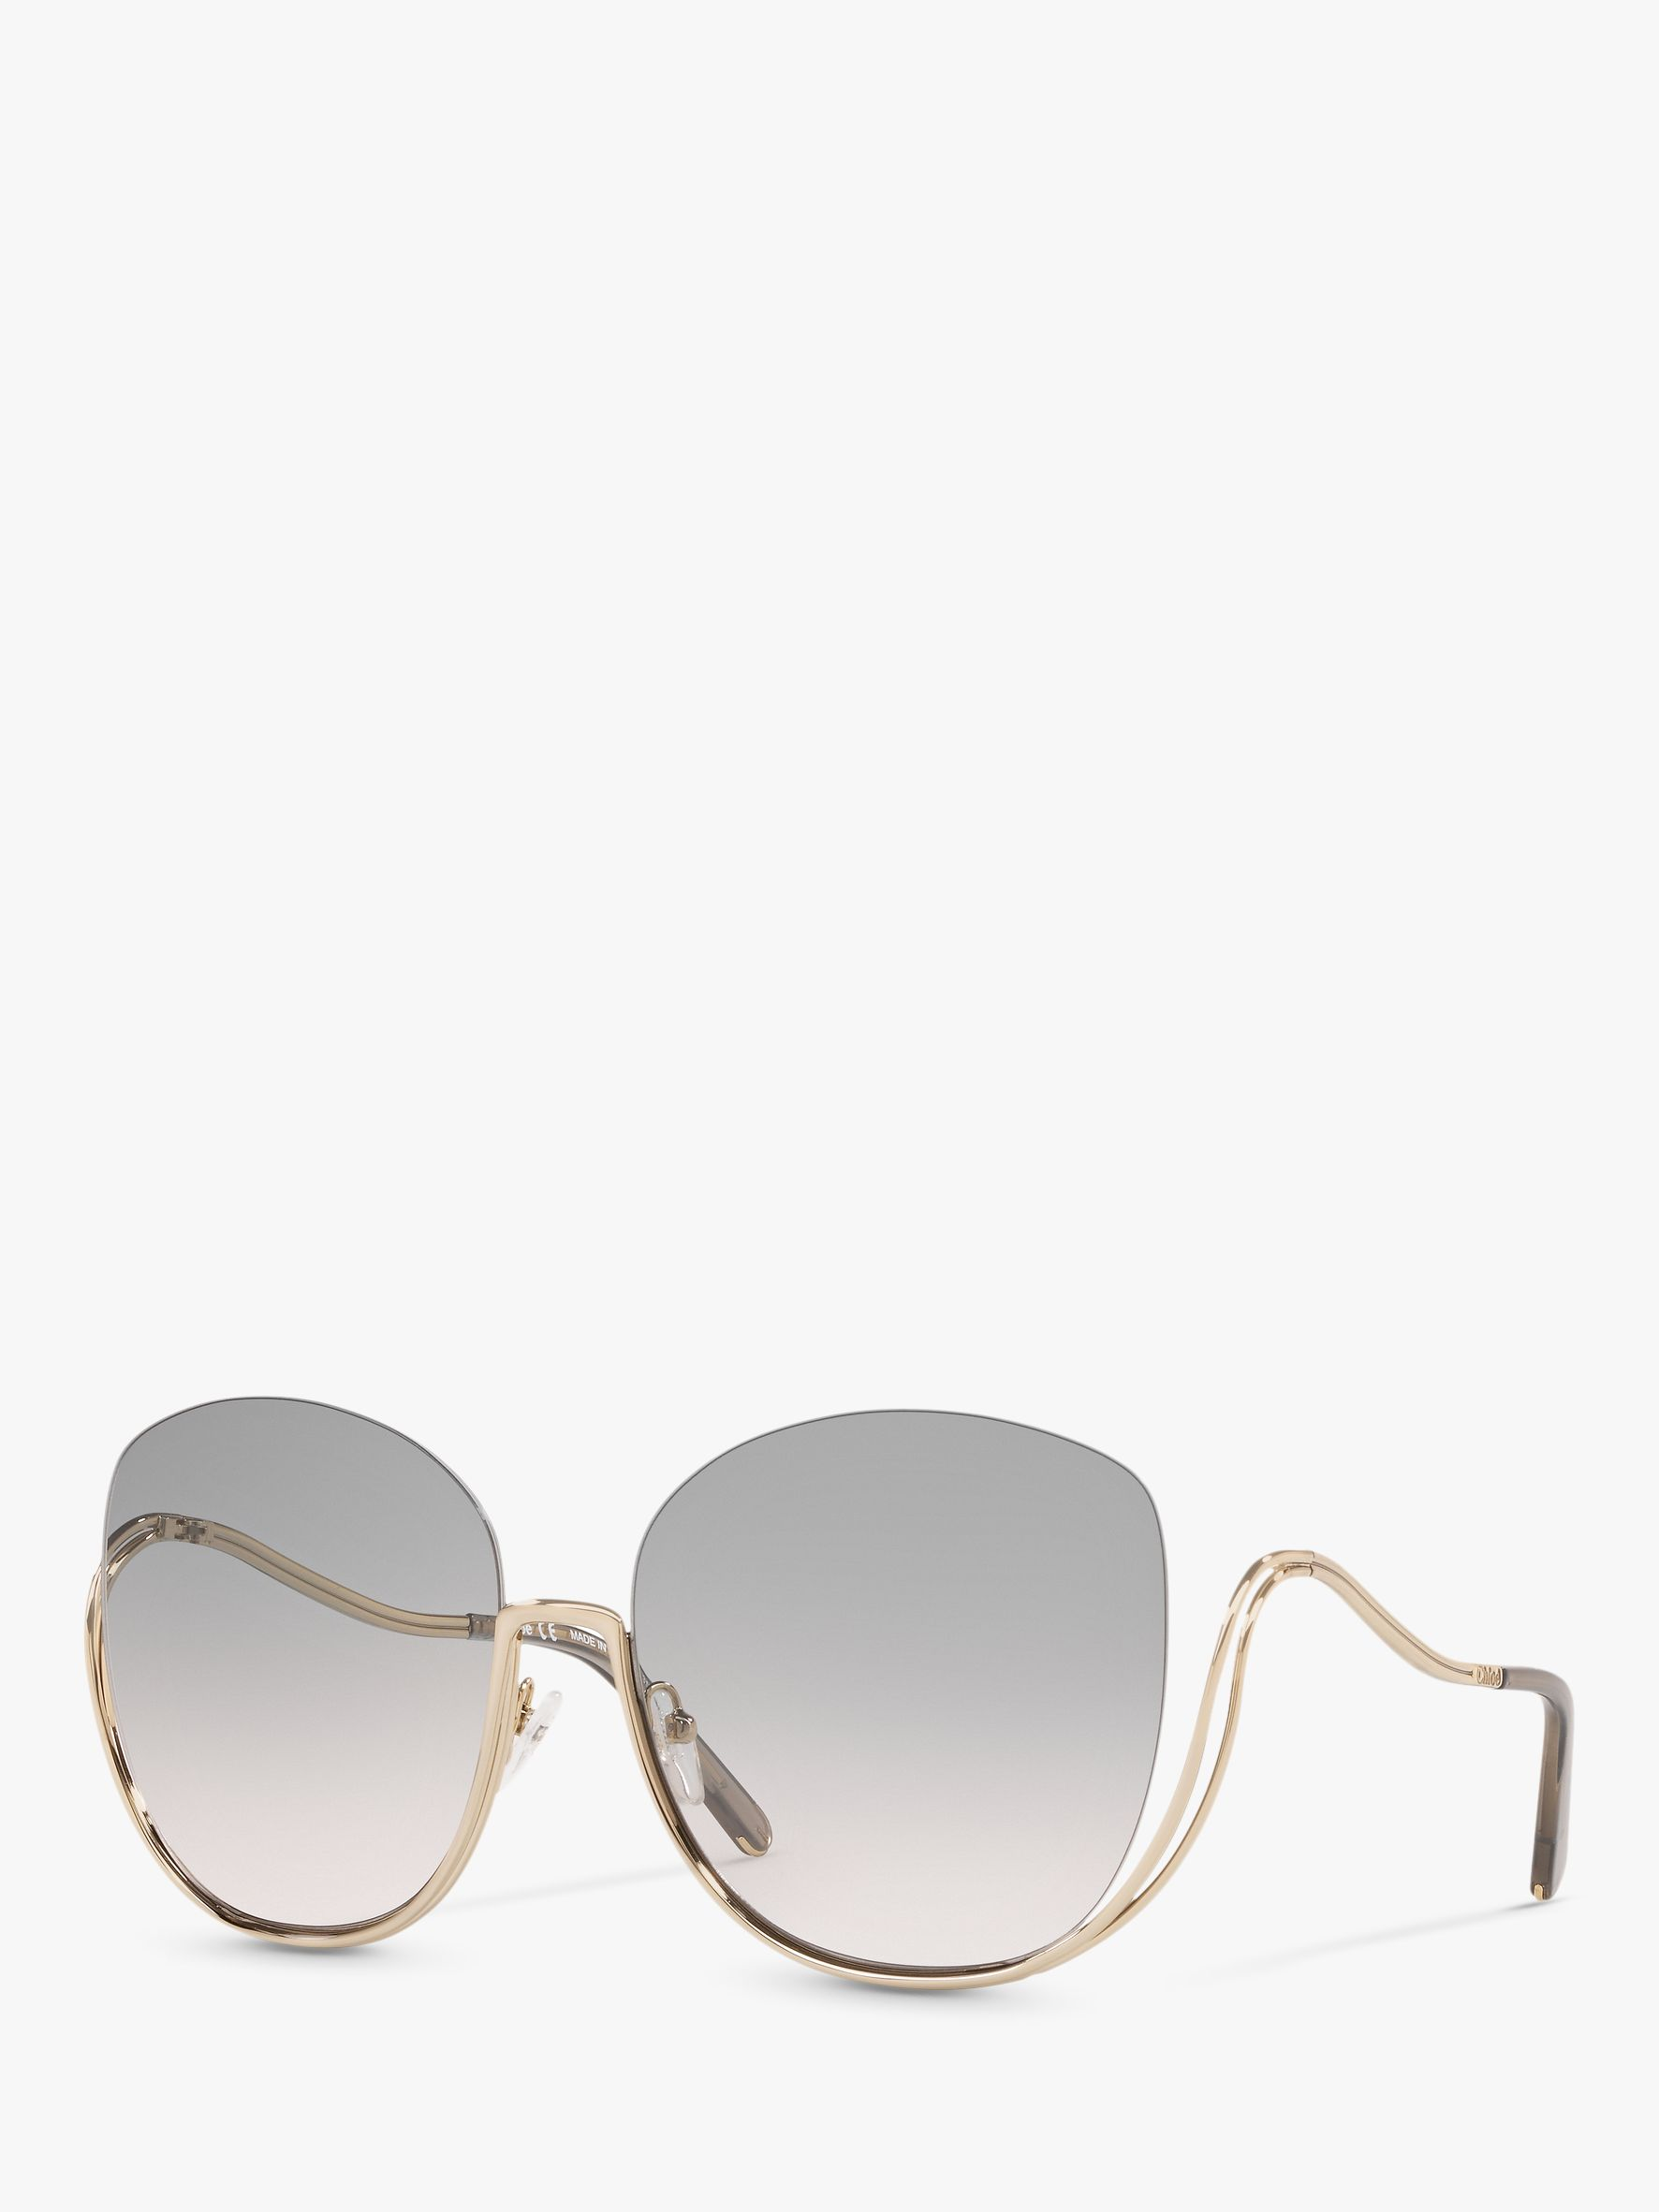 Chloe Chloé CE125S Women's Butterfly Sunglasses